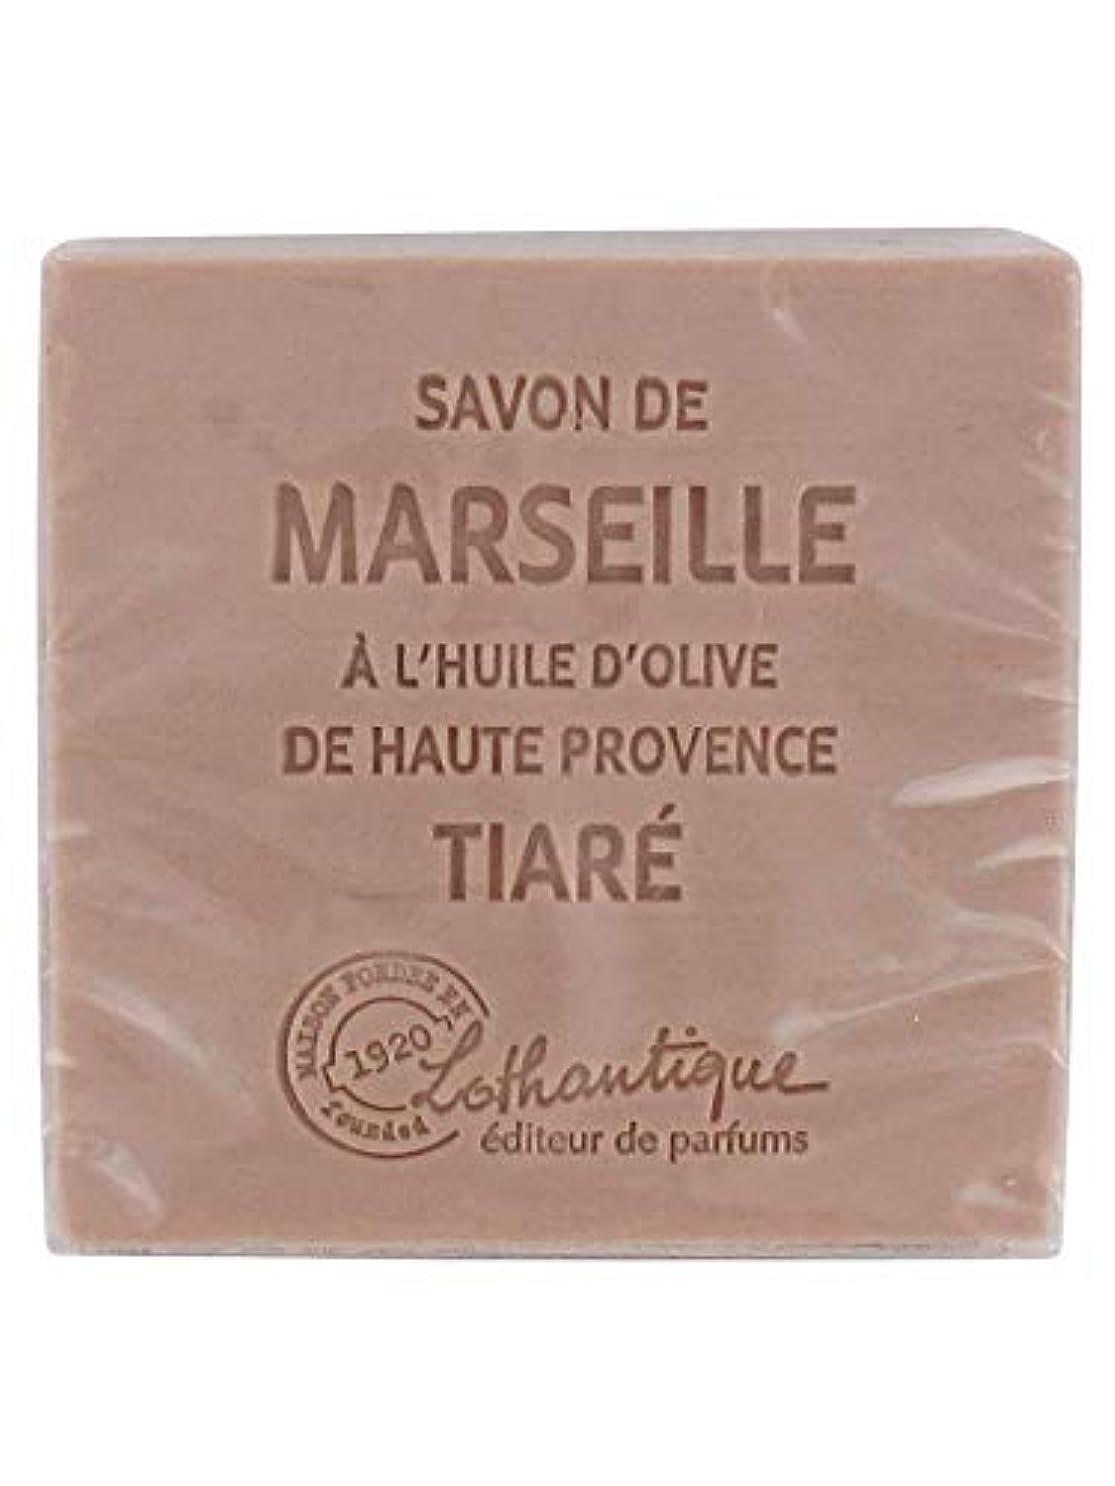 誘惑上げる田舎者Lothantique(ロタンティック) Les savons de Marseille(マルセイユソープ) マルセイユソープ 100g 「ティアラ」 3420070038098